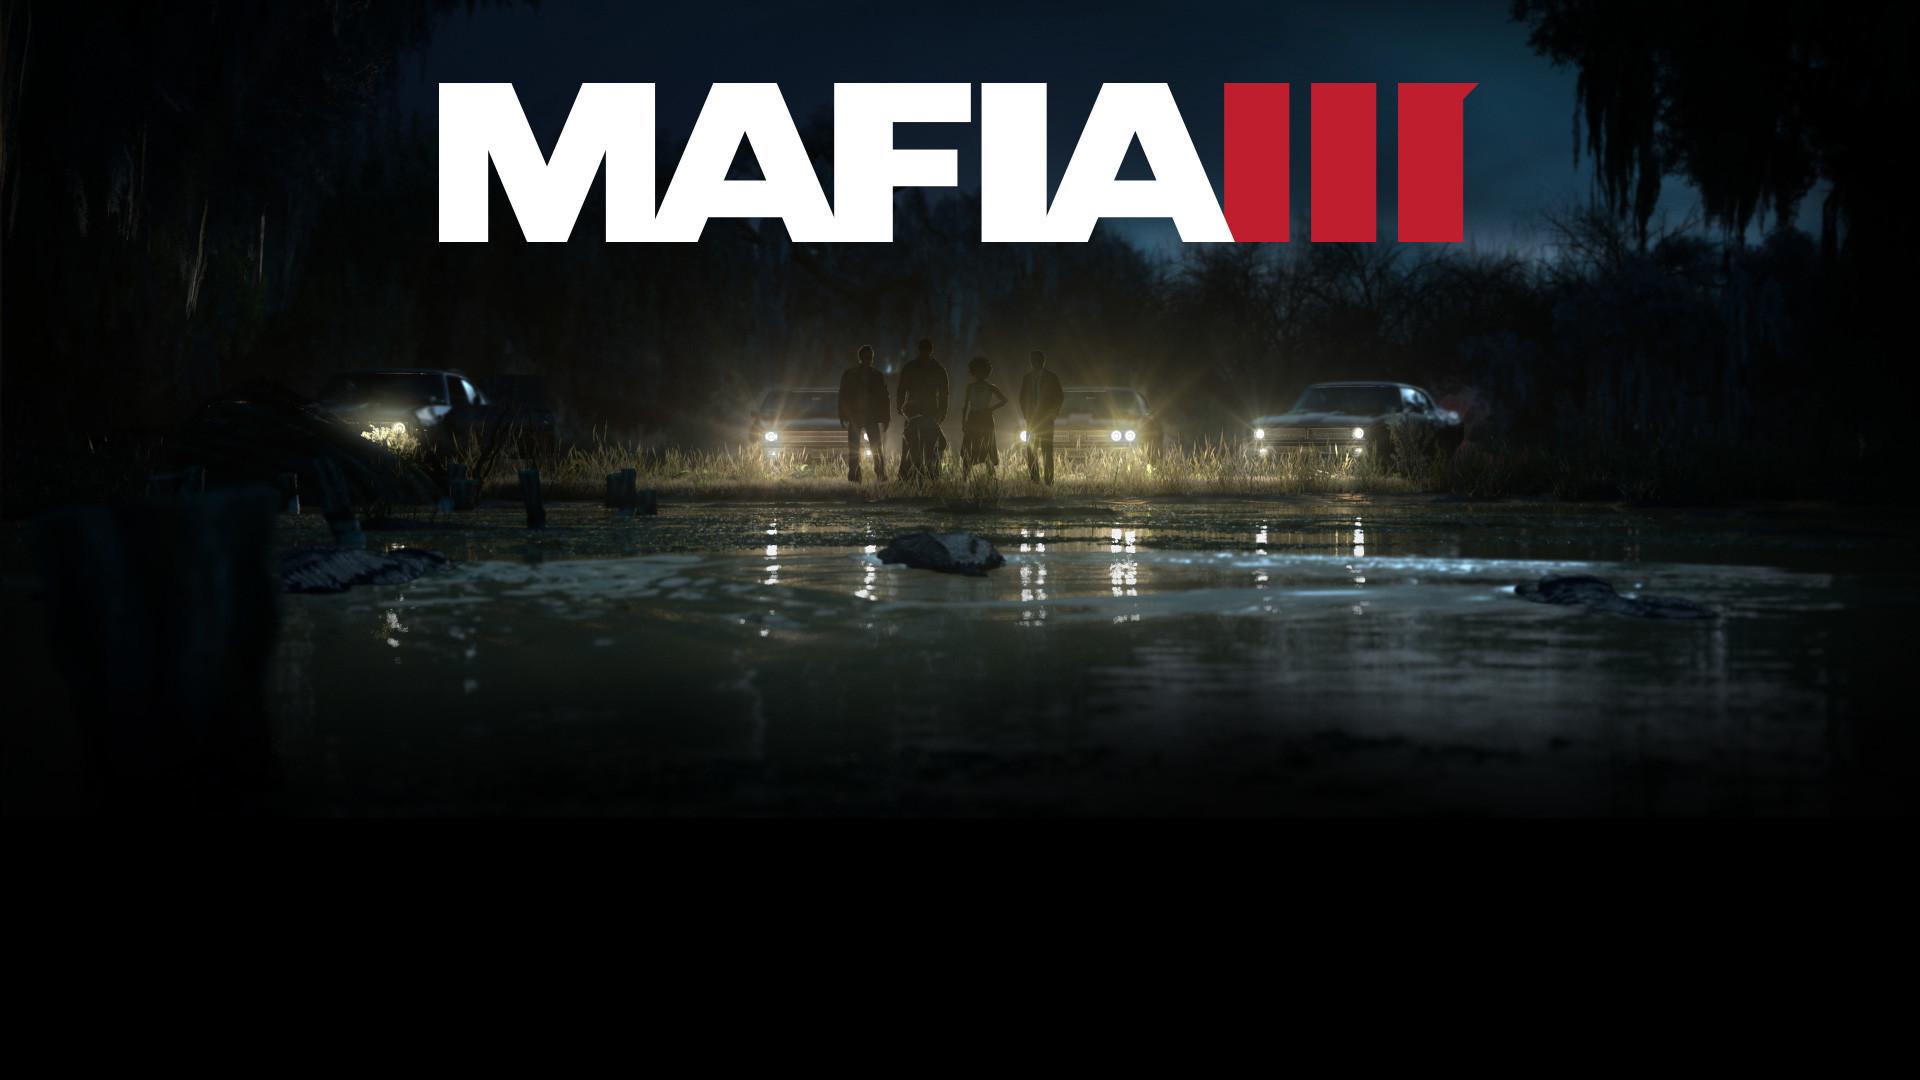 Mafia III Full HD Wallpaper